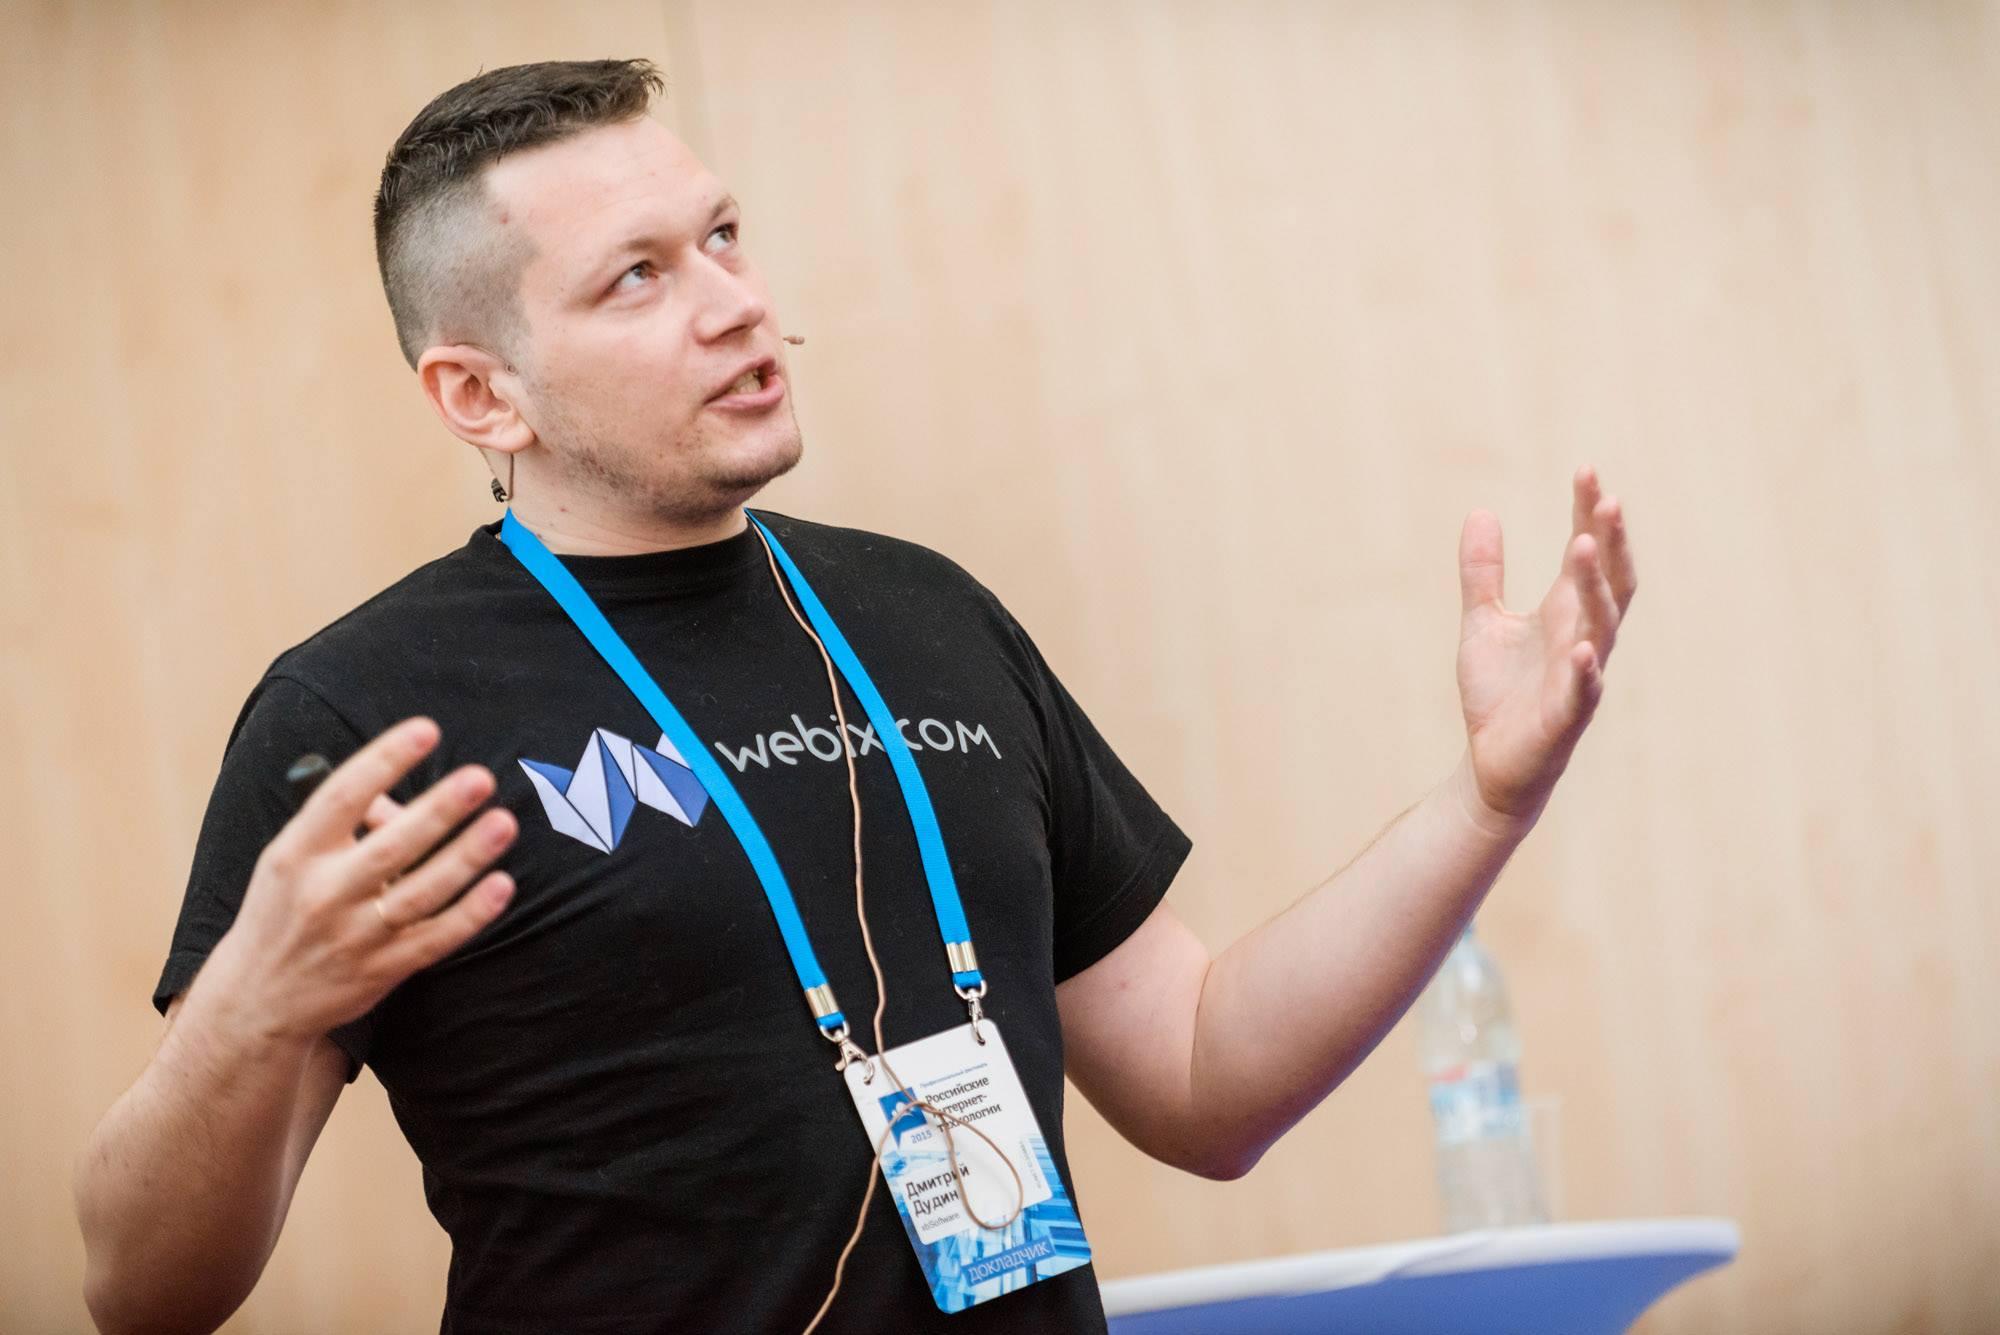 Как сделать кроссплатформенное десктопное приложение на базе веб-технологий - 1